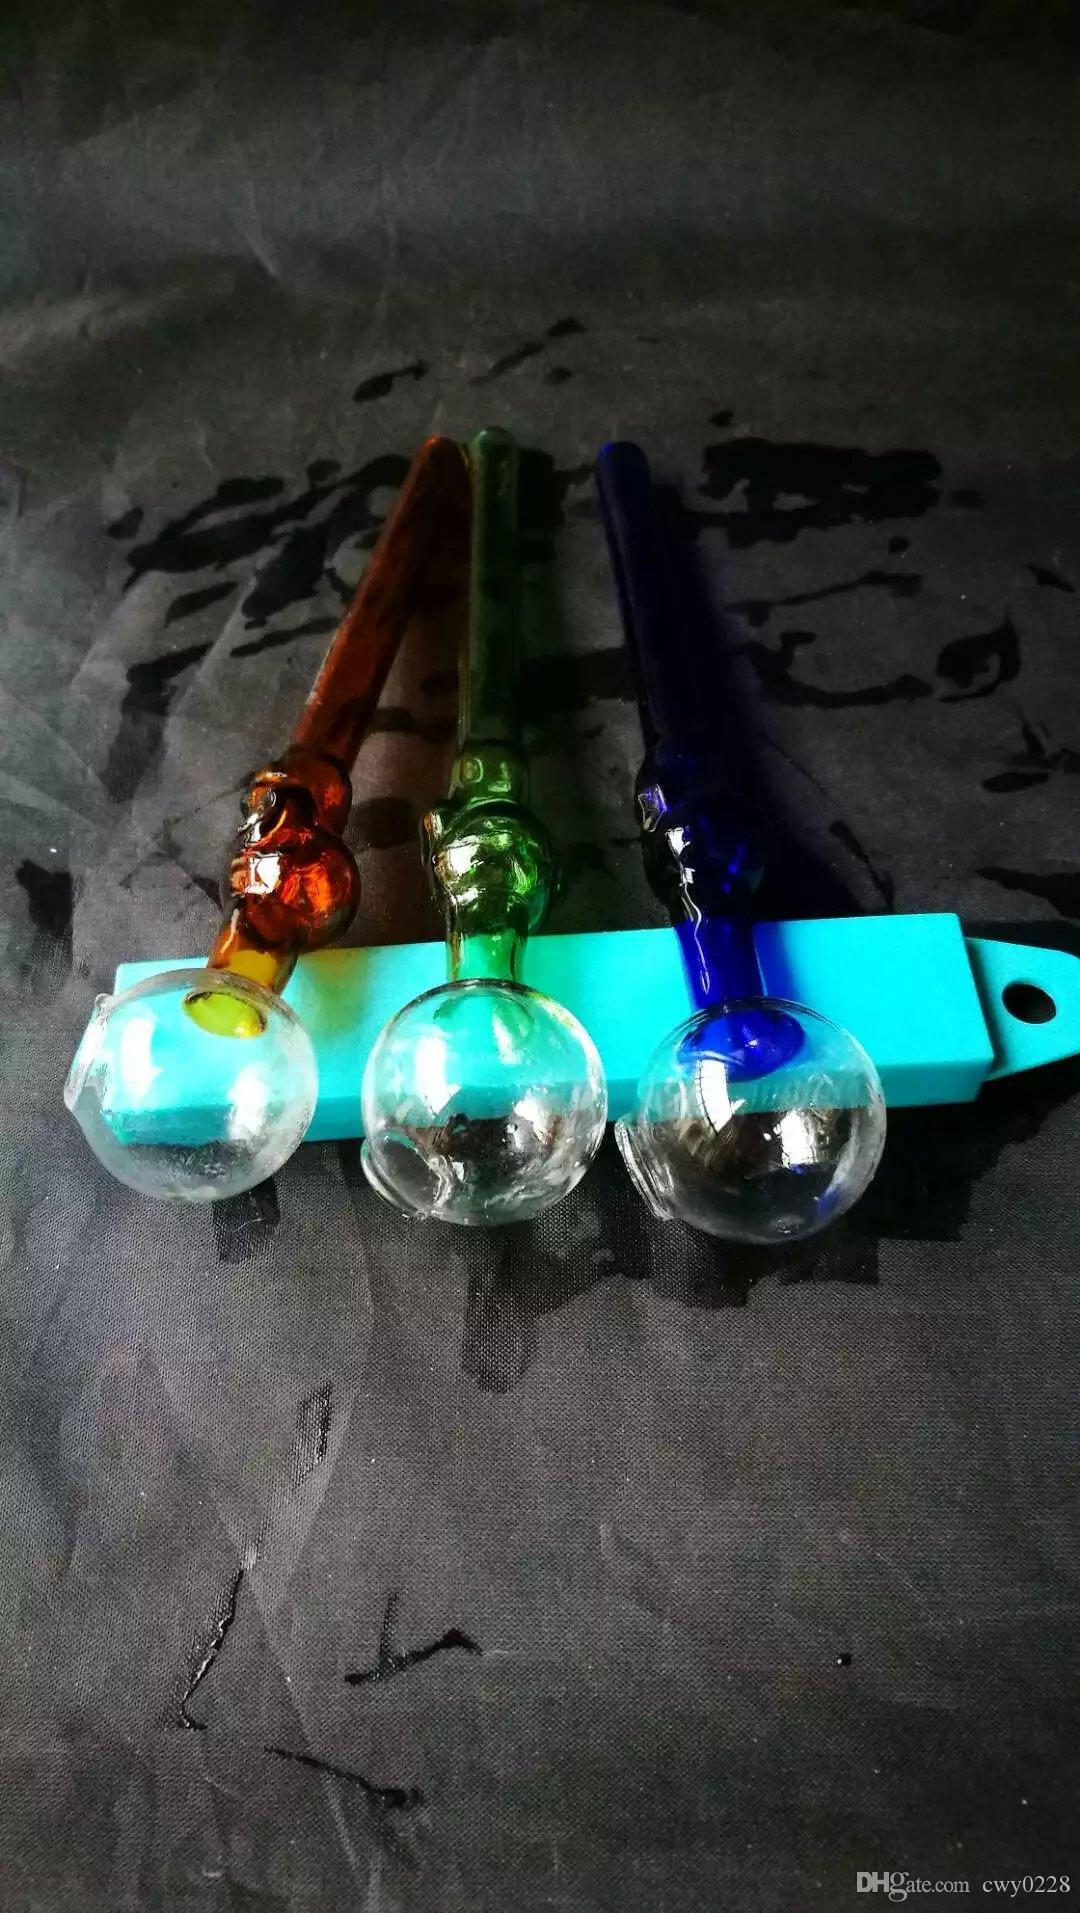 Прозрачная головка горелки бонги аксессуары, уникальный масляная горелка стекло бонги трубы водопроводные трубы стеклянная труба нефтяные вышки курение с капельницей